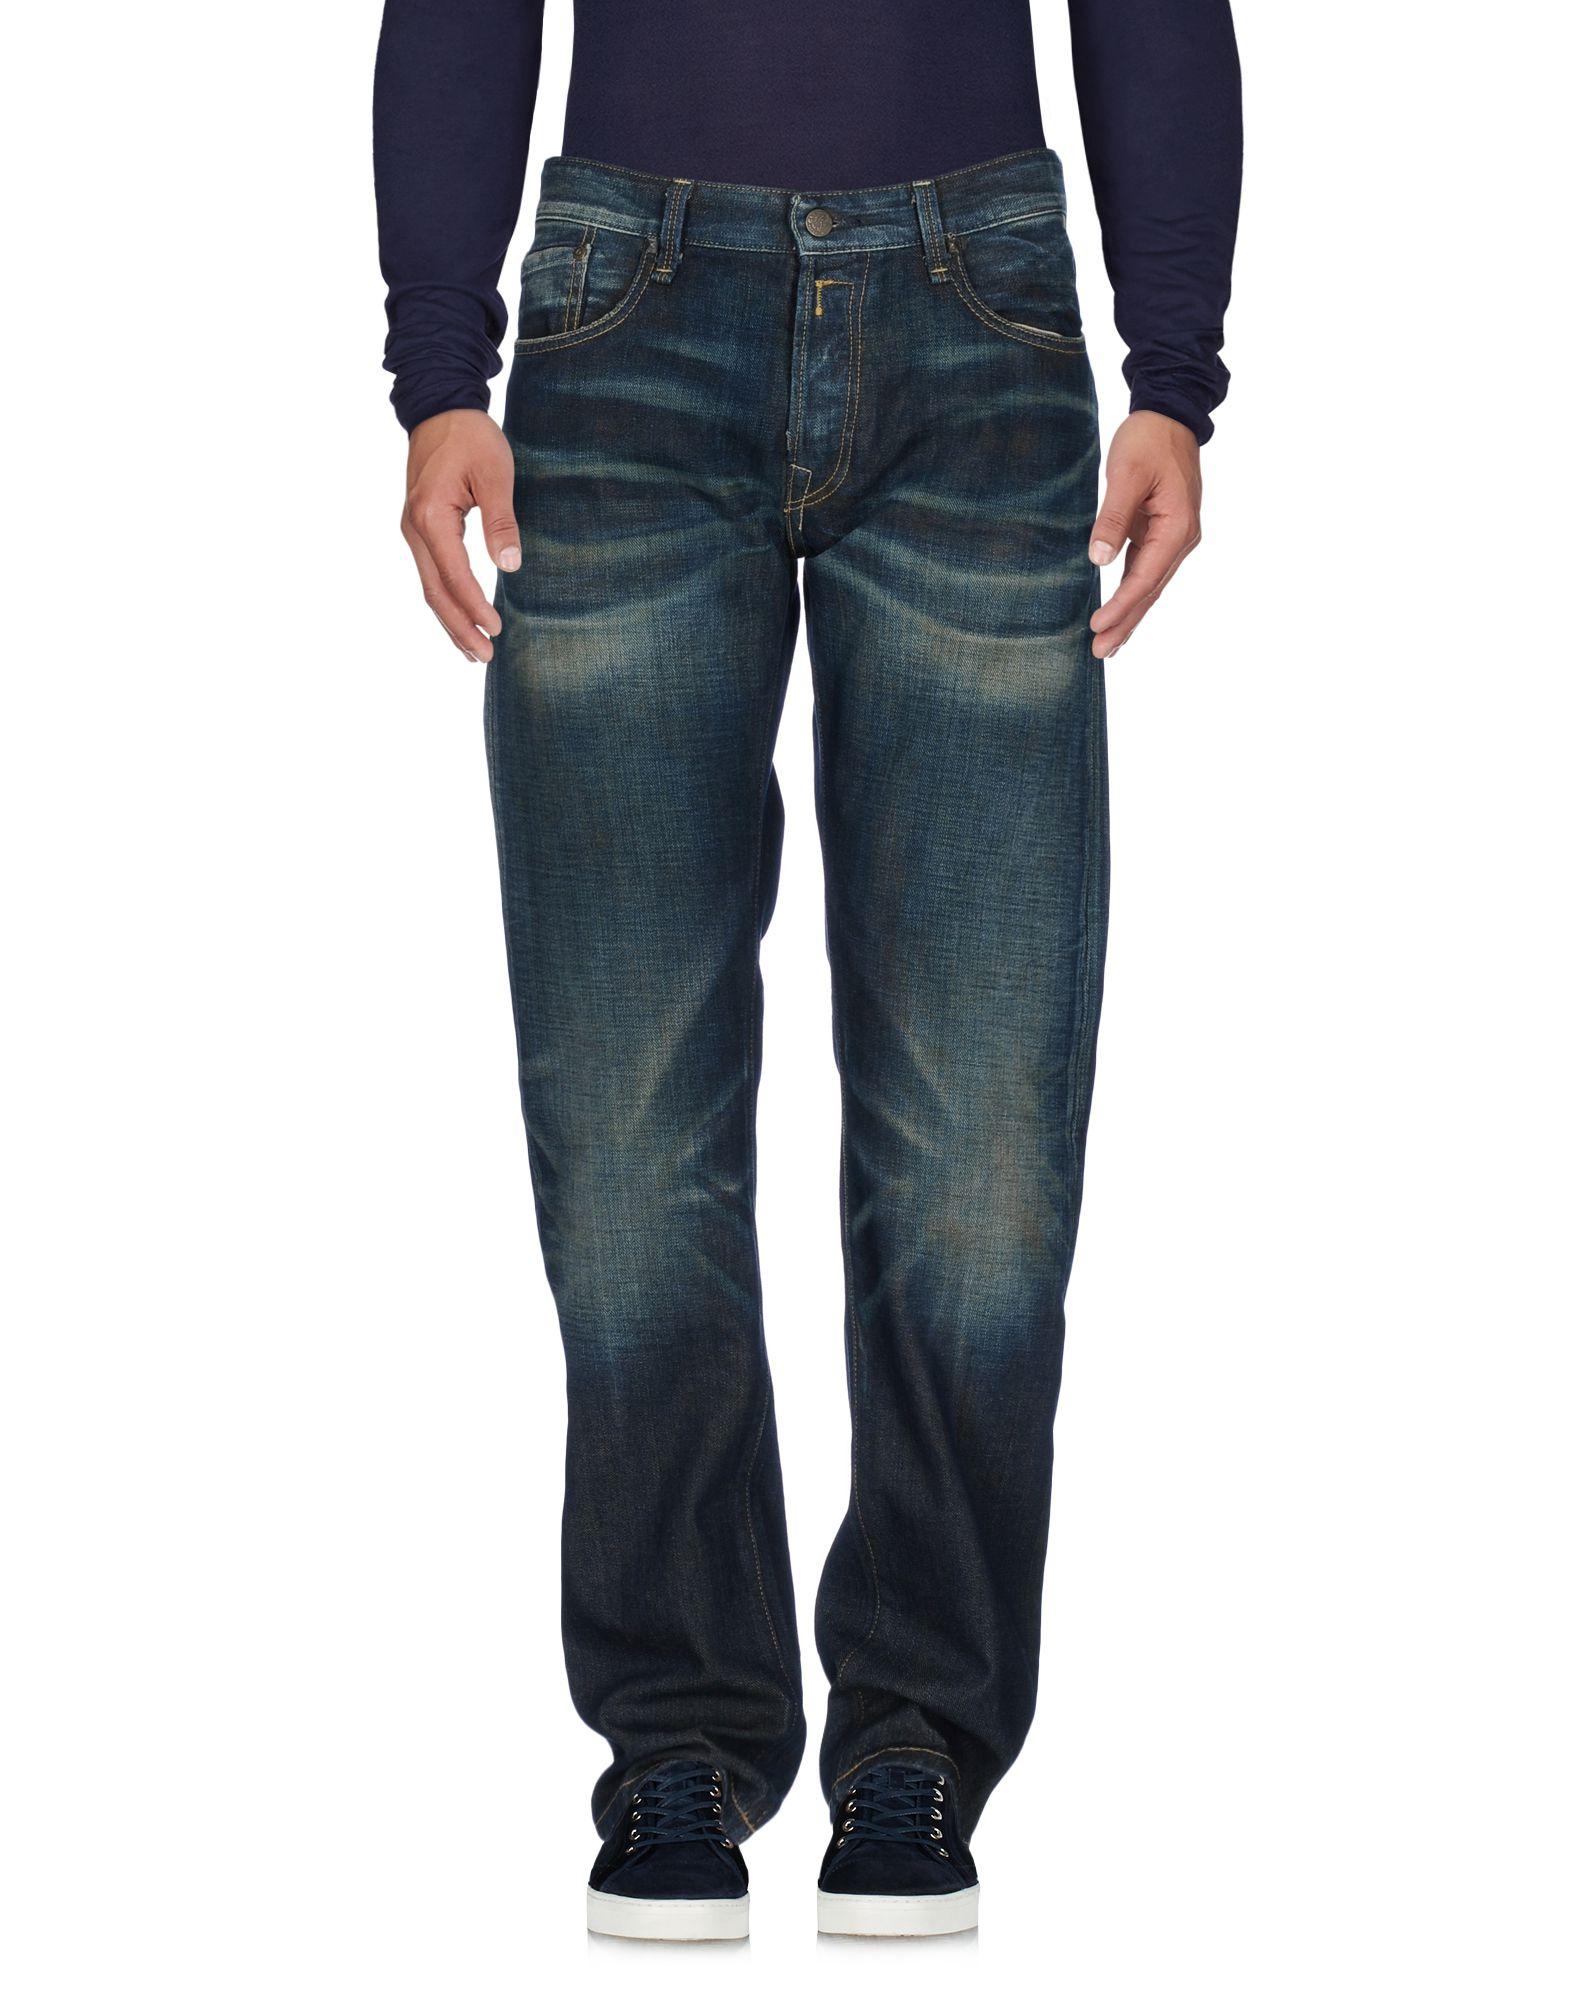 REPLAY Herren Jeanshose Farbe Blau Größe 10